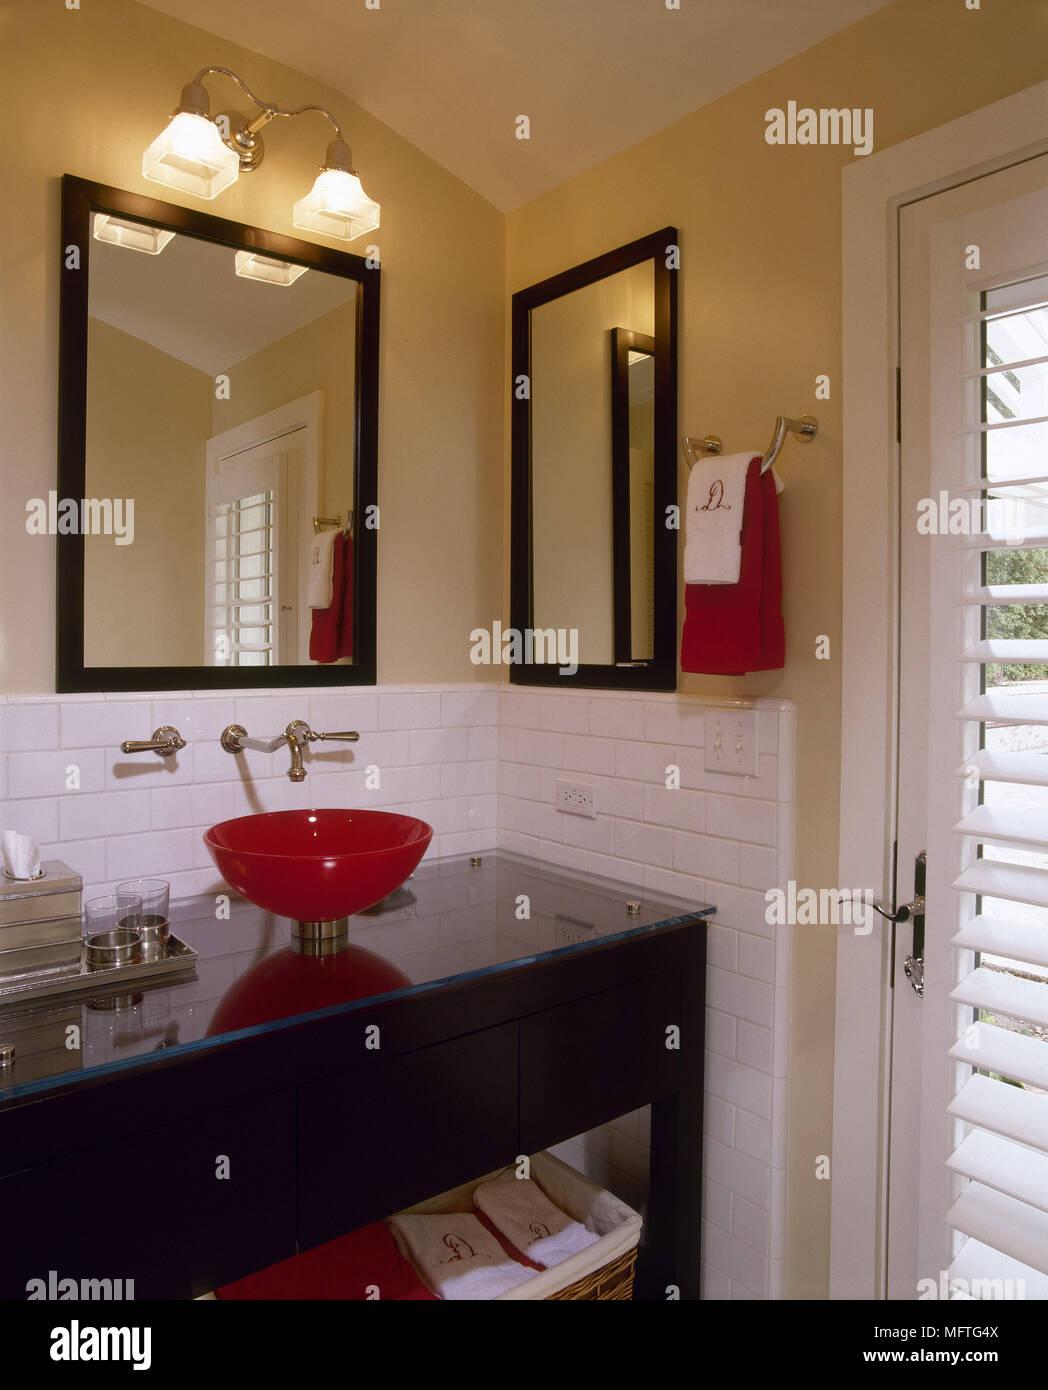 Modernes Badezimmer Detail Rot Glas Waschbecken Glas überstieg Einheit  Inneneinrichtung Badezimmer Waschbecken